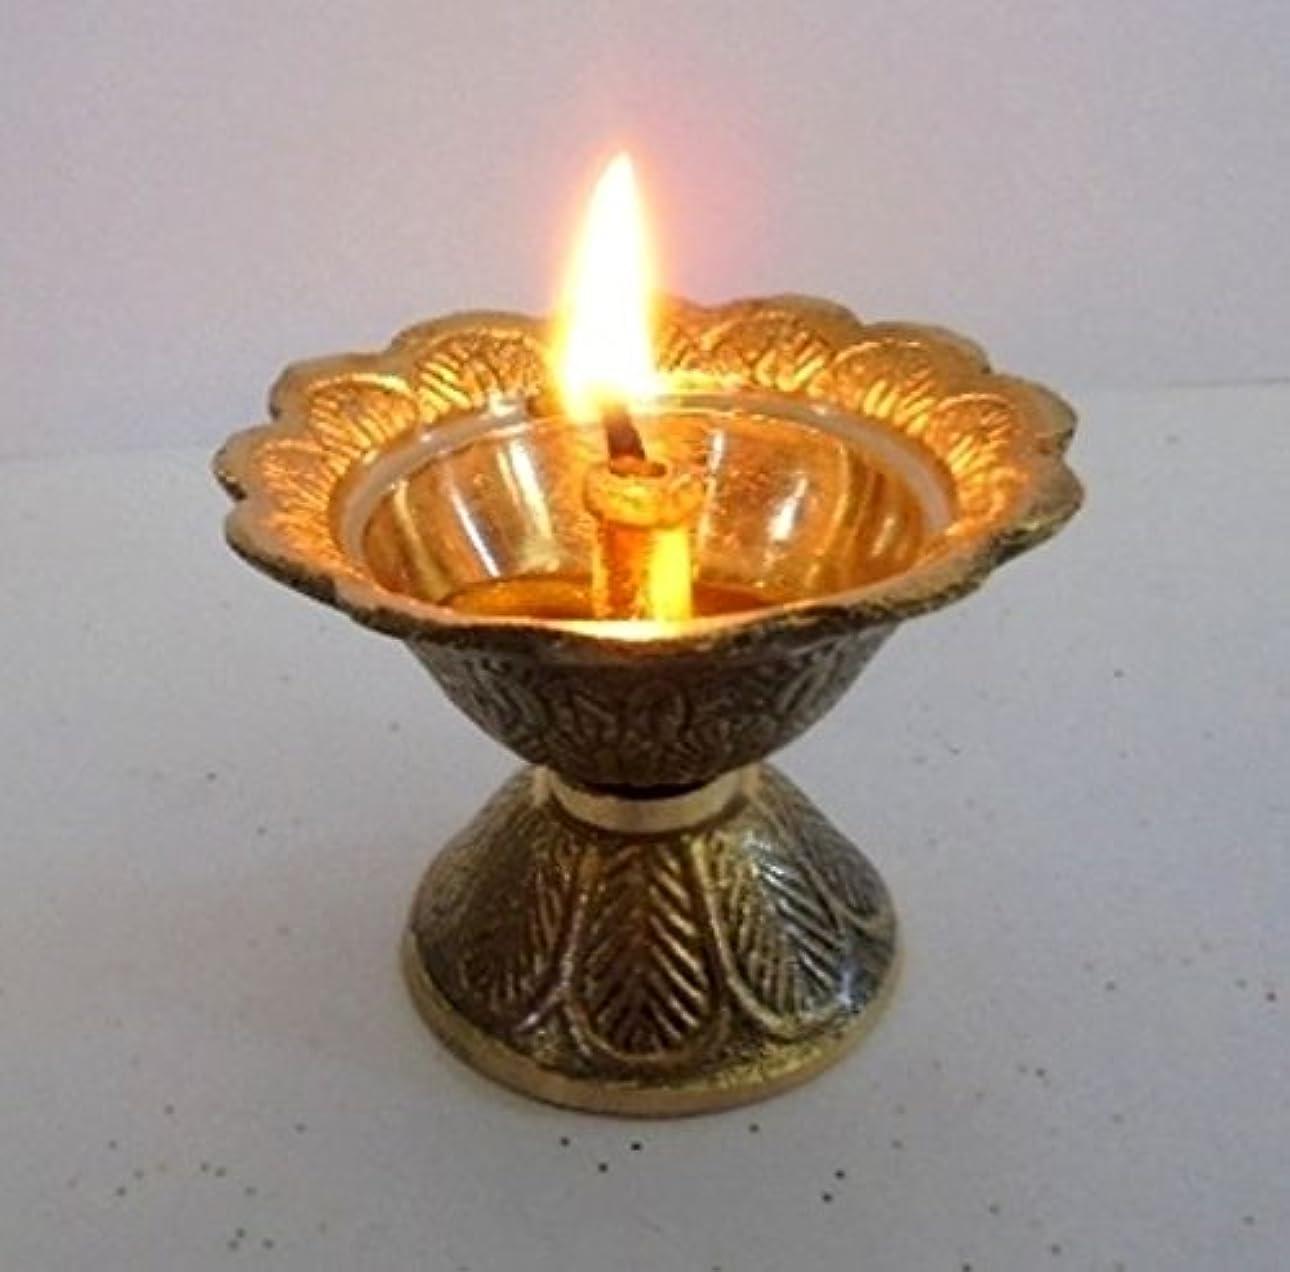 百年うぬぼれた資本Artcollectibles India Brass Diya Deepak Akhand Jyot Kuber Hindu Temple Havan Puja Religious Oil Lamp